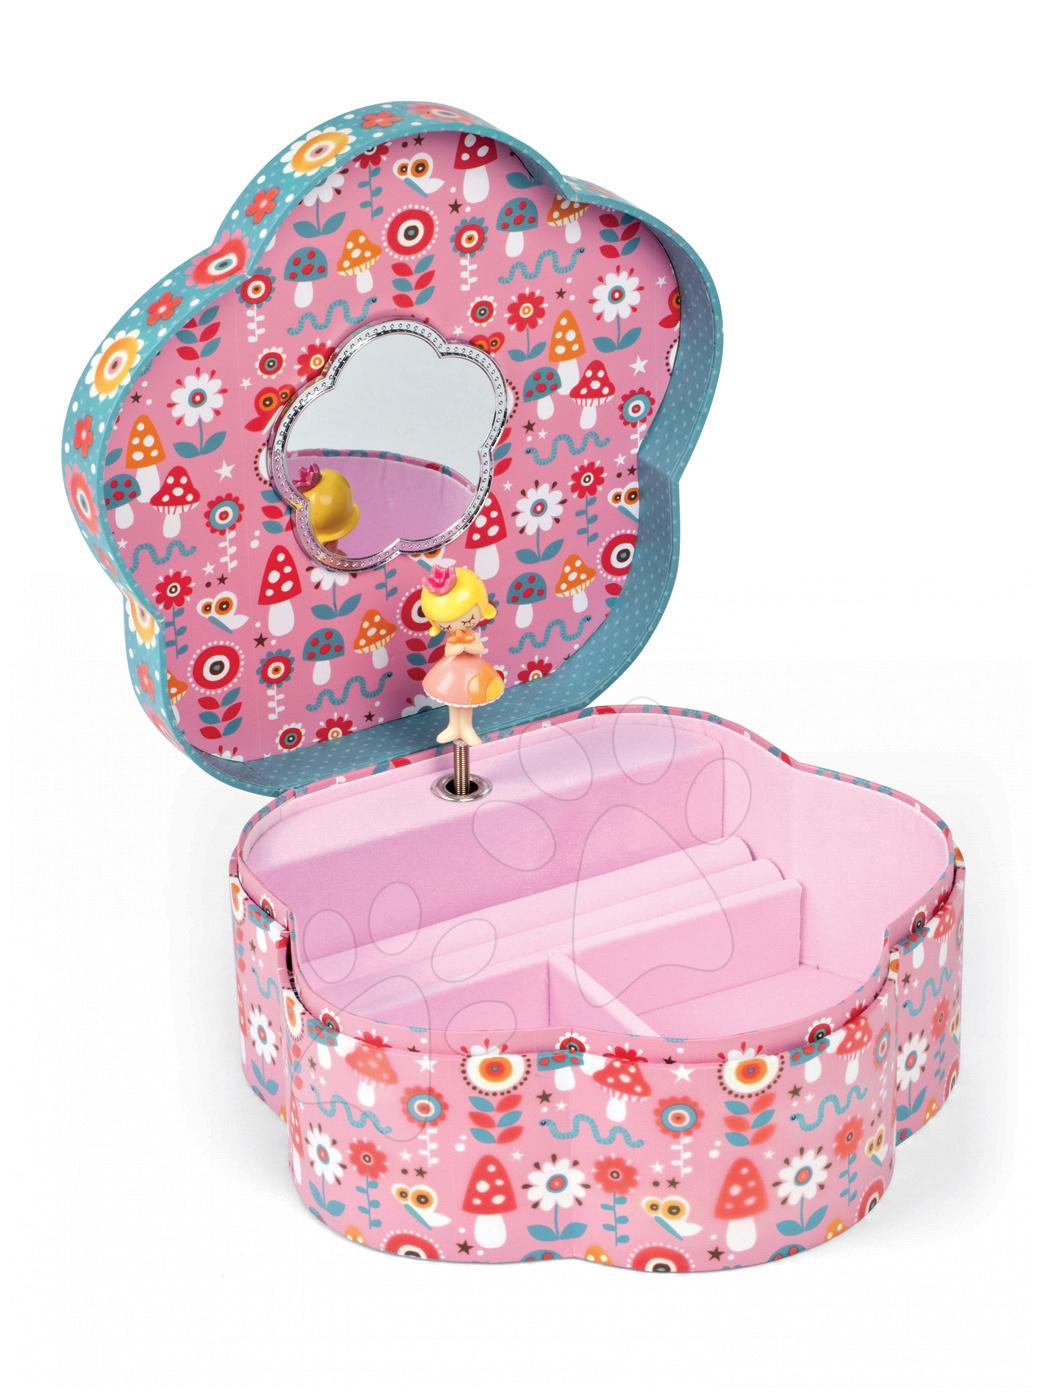 Hudební šperkovnice pro děti Jewellery Flower Musical Box - Annuschka Janod